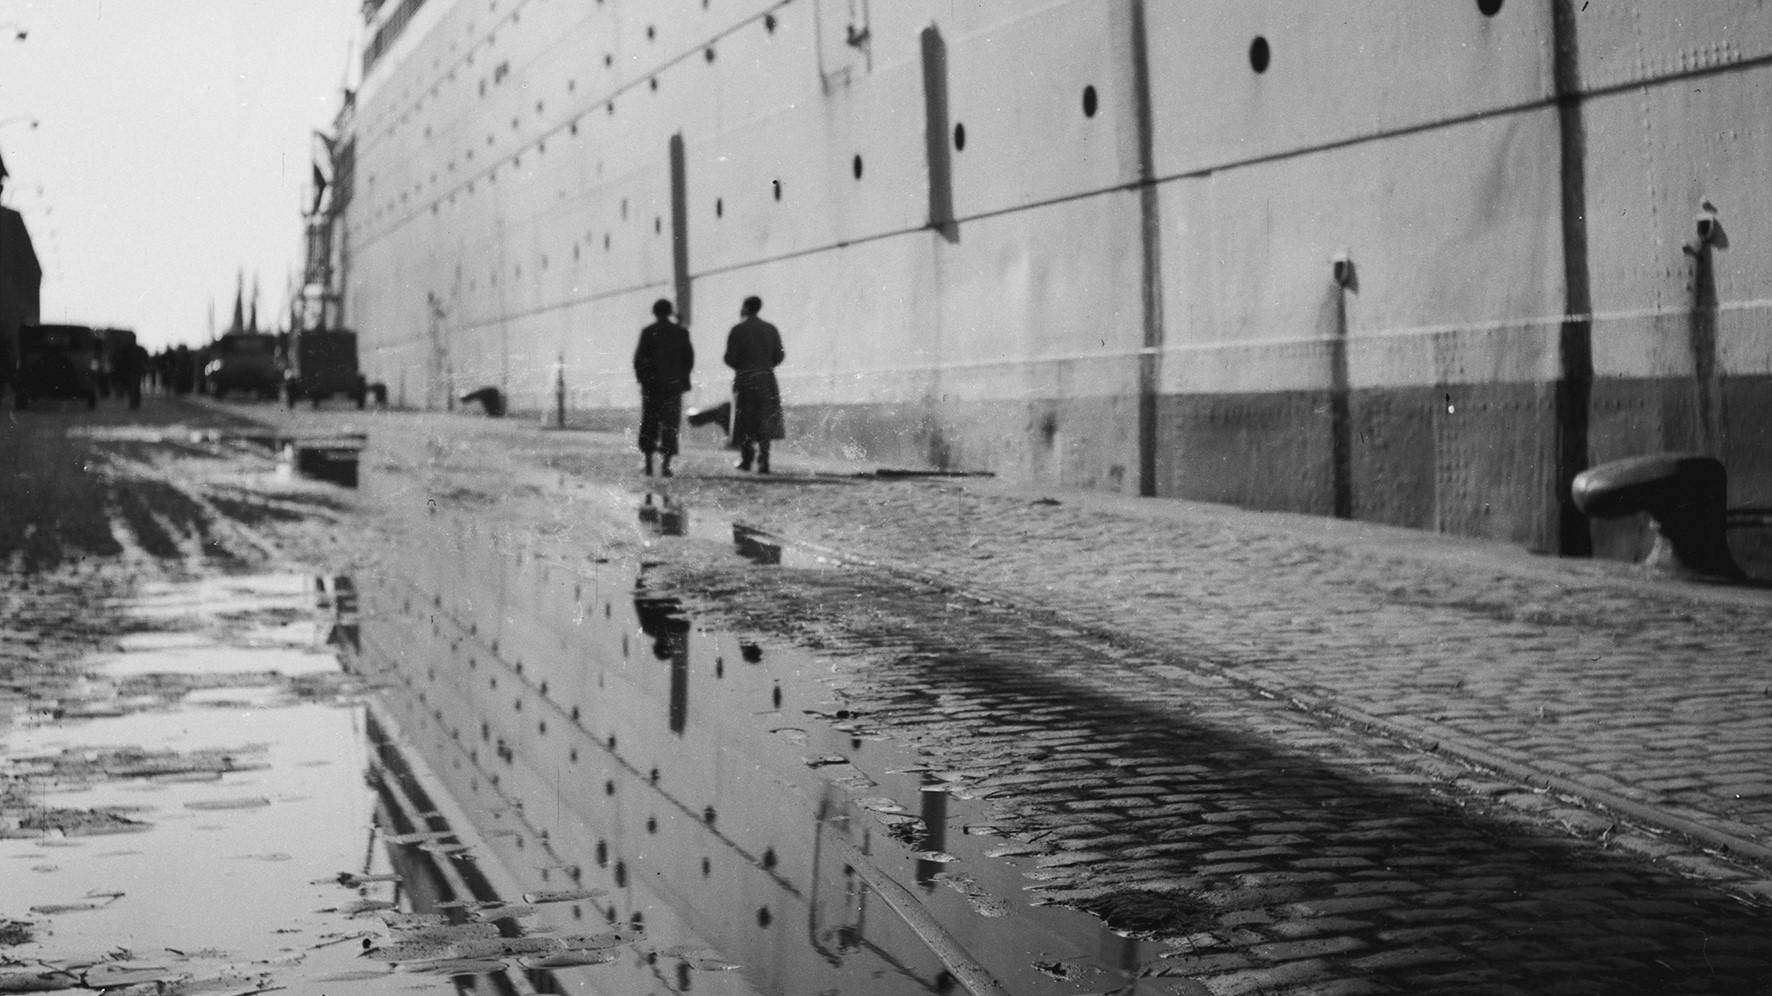 Imágenes encontradas. La Barcelona marítima de posguerra, Joaquín Tusquets de Cabirol, Museu Marítim de Barcelona, Imágenes Encontradas La Barcelona marítima de posguerra.